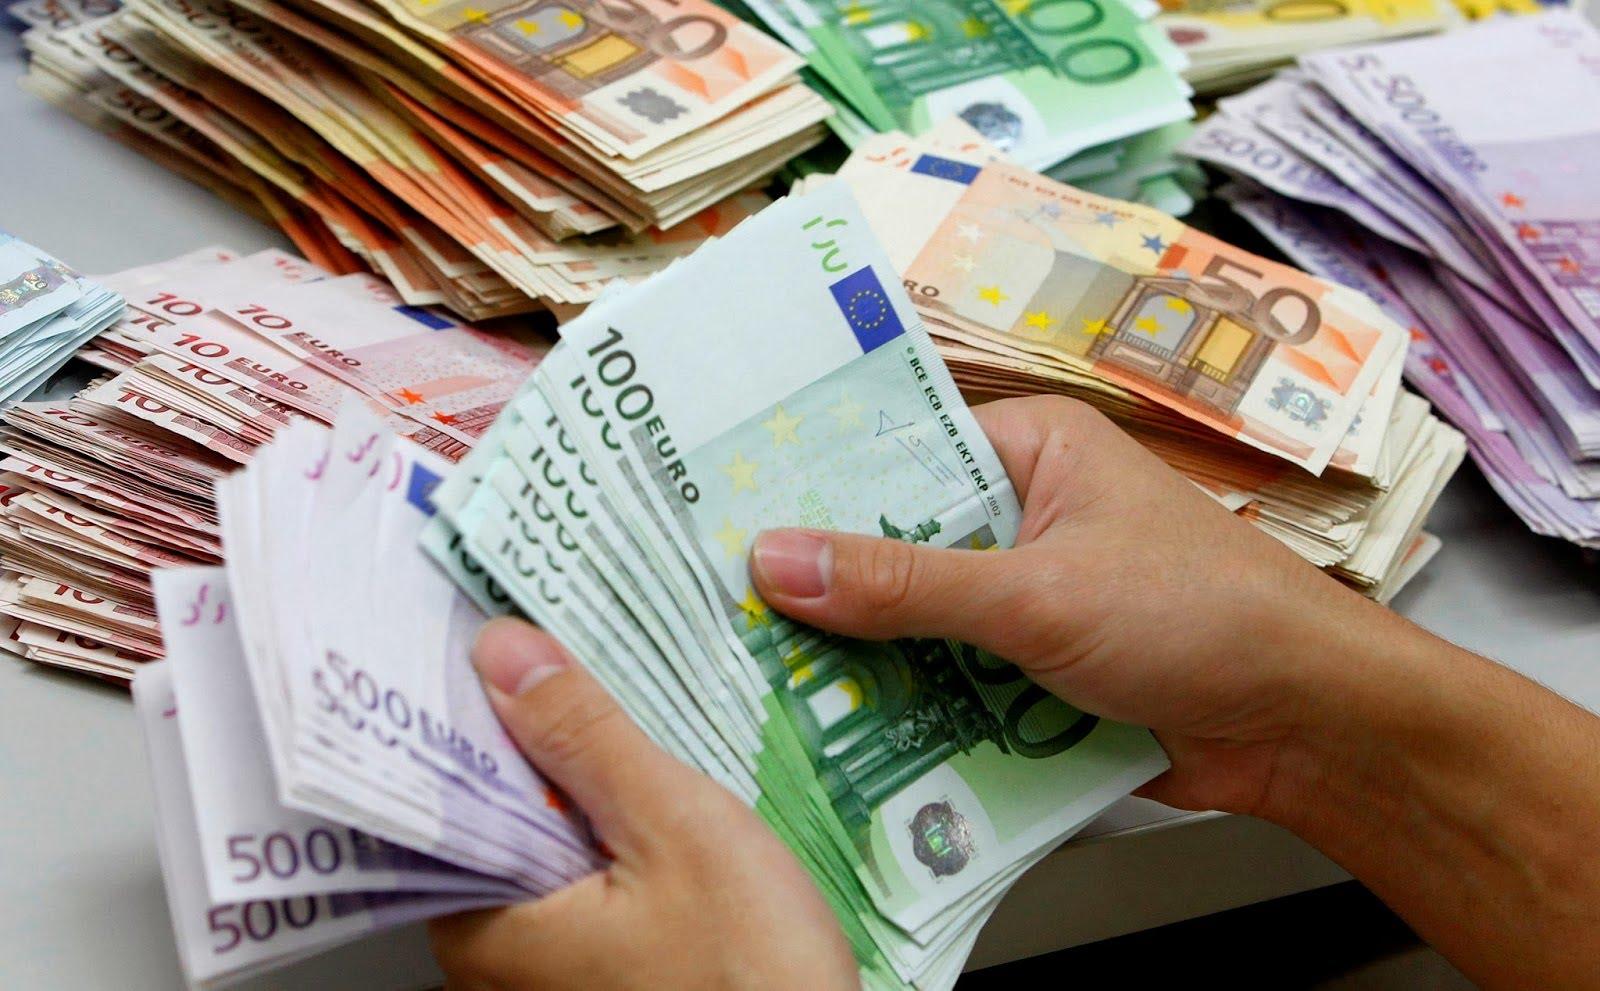 FDI in Bulgaria in 2015 was 1.58B euro